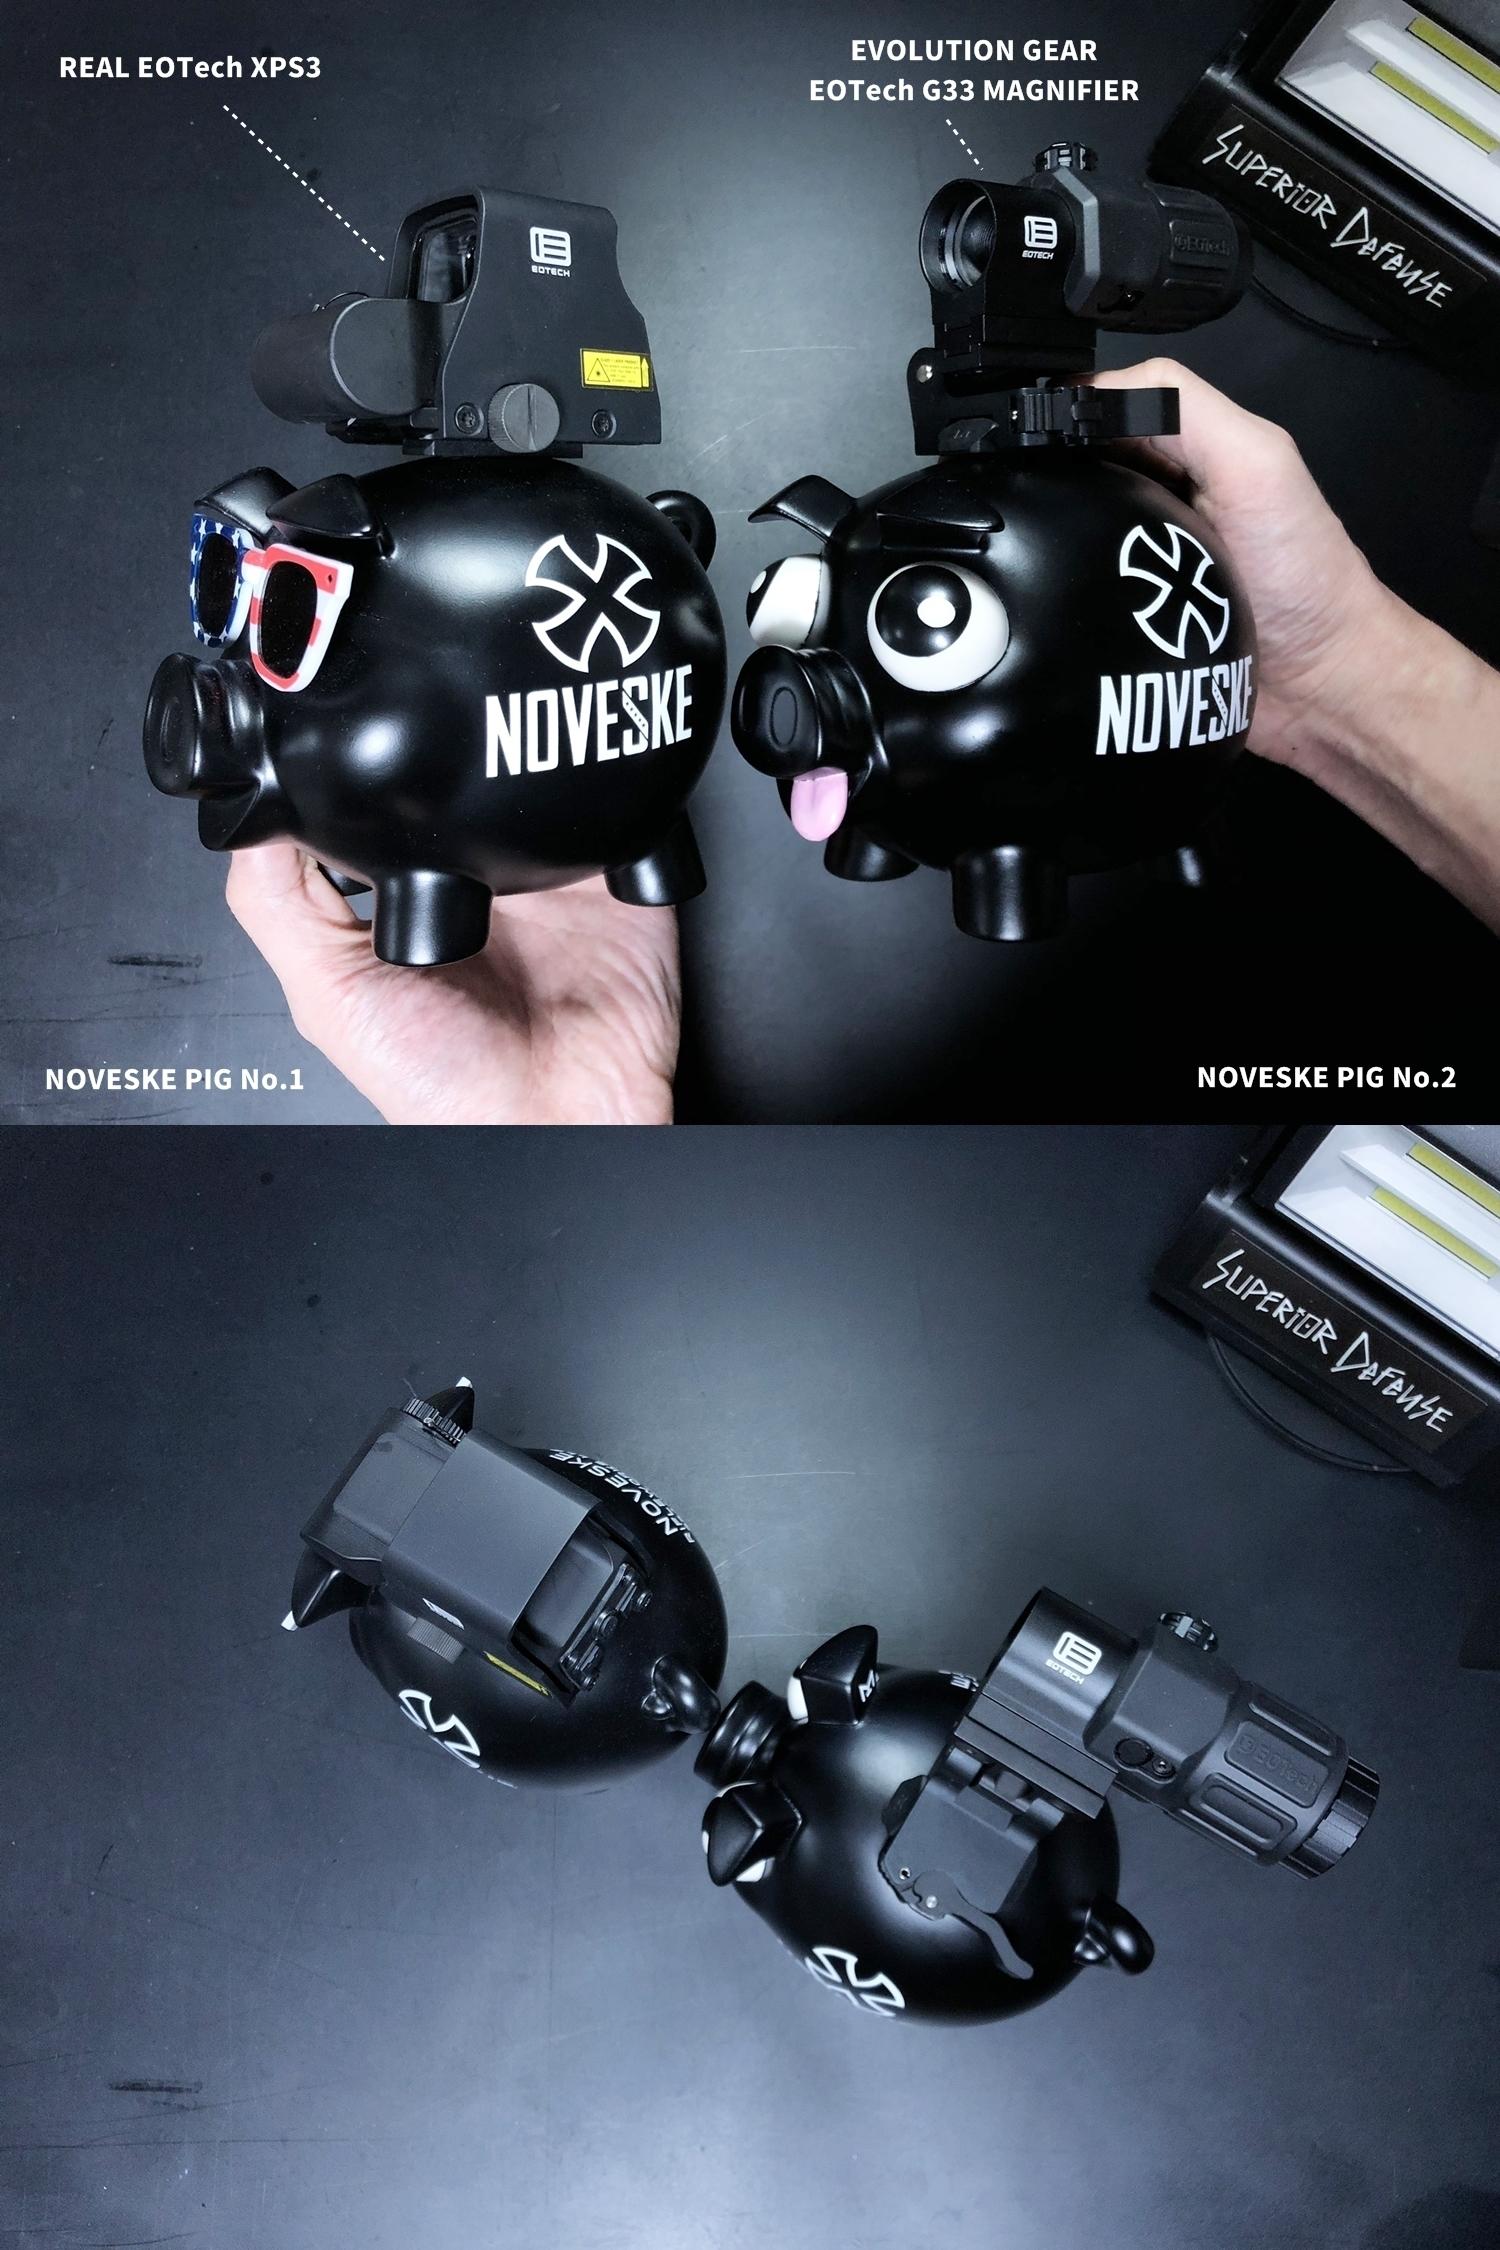 7 EVOLUTION GEAR EOTech G33 MAGNIFIER!! エボギア 3倍 ブースター マグニファイア買ってみた!! 高品質6枚レンズの実力は如何に! 開封 検証 取付 レビュー!! したるの巻!!